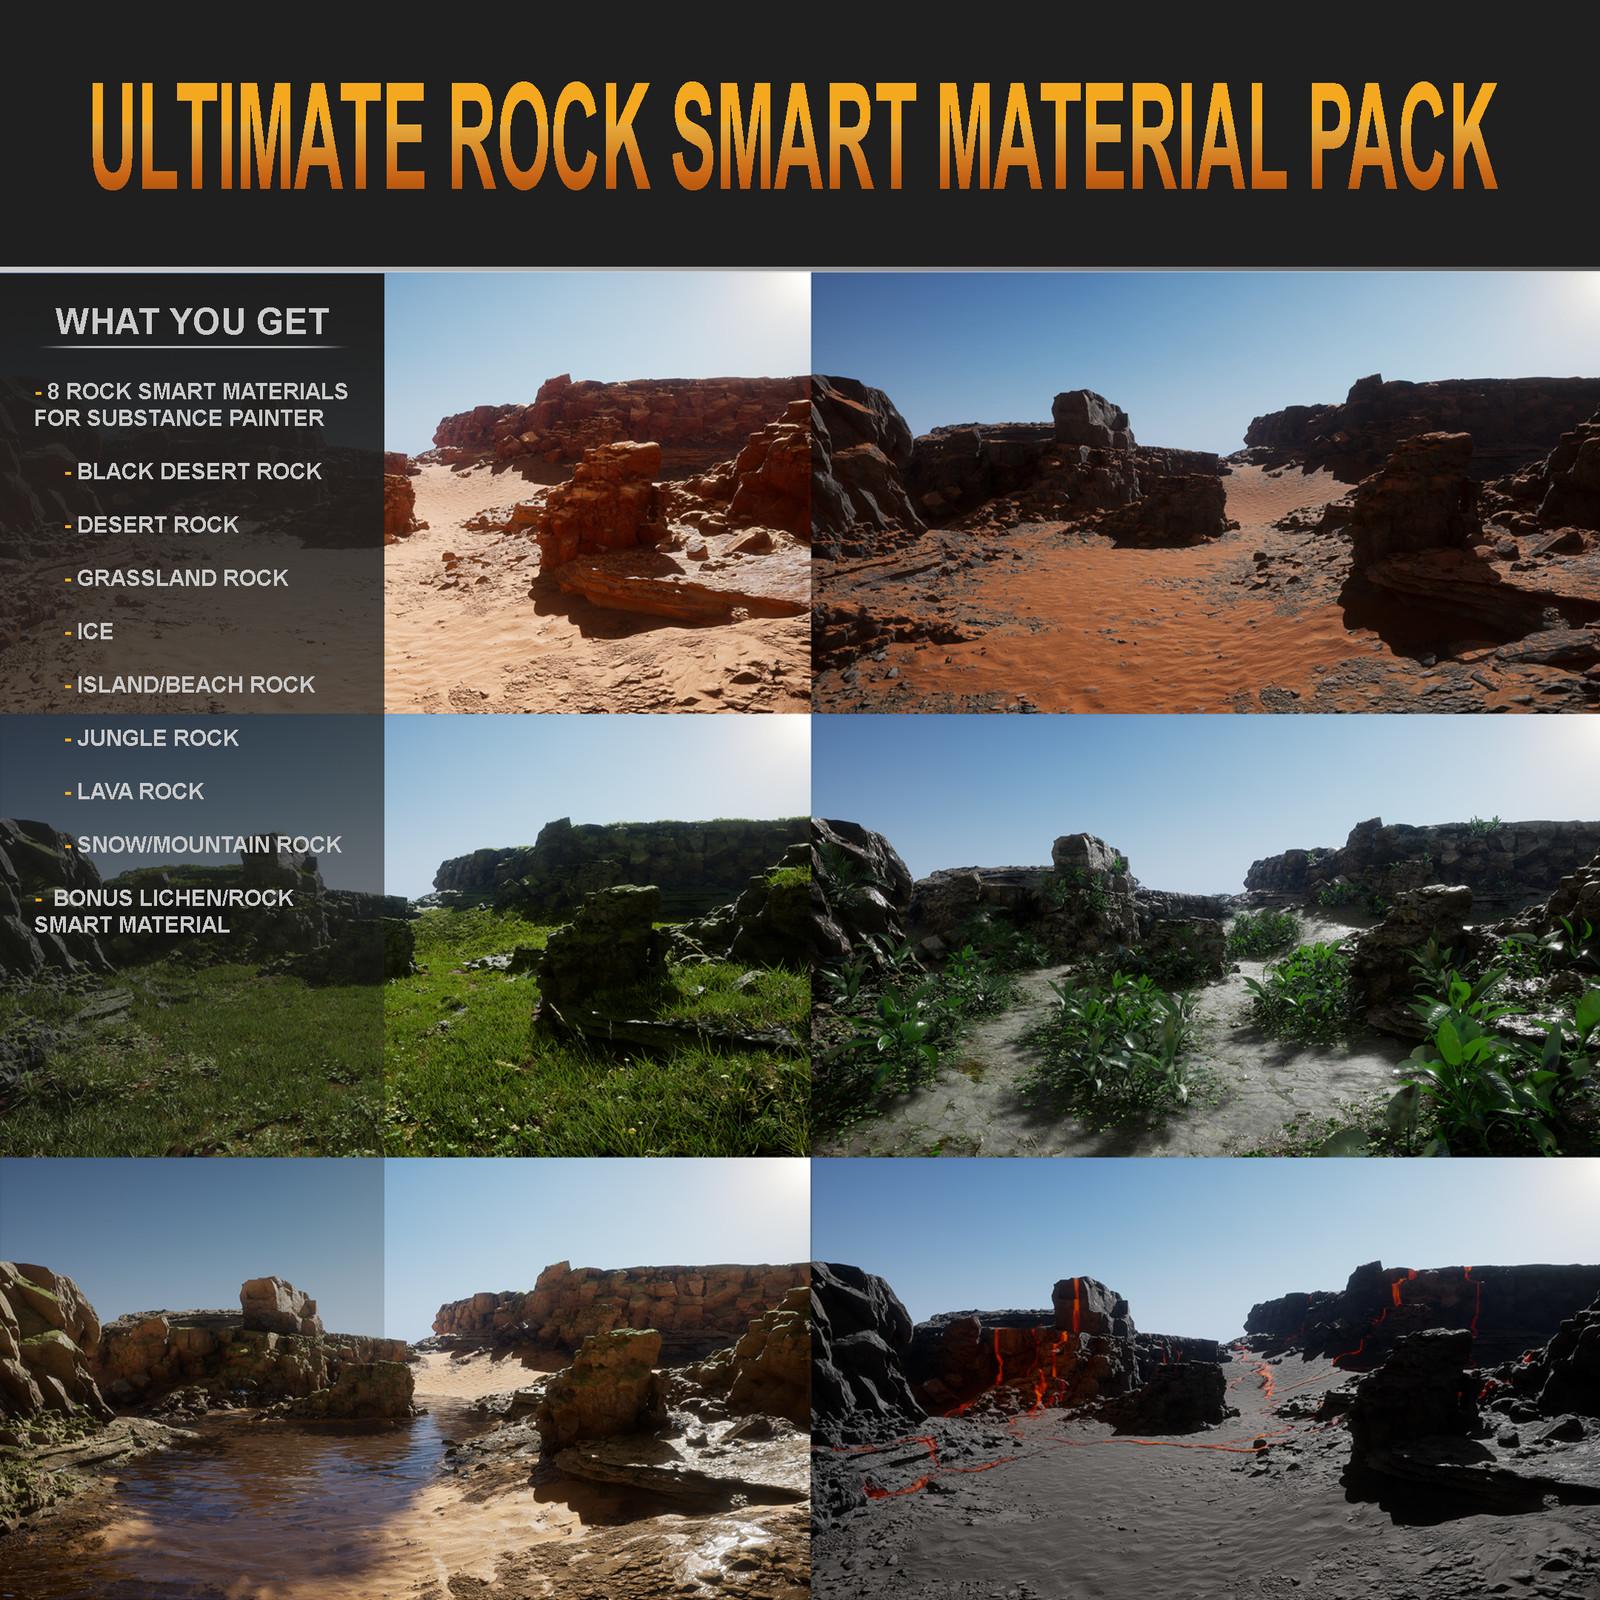 Ultimate Rock Smart Material Pack